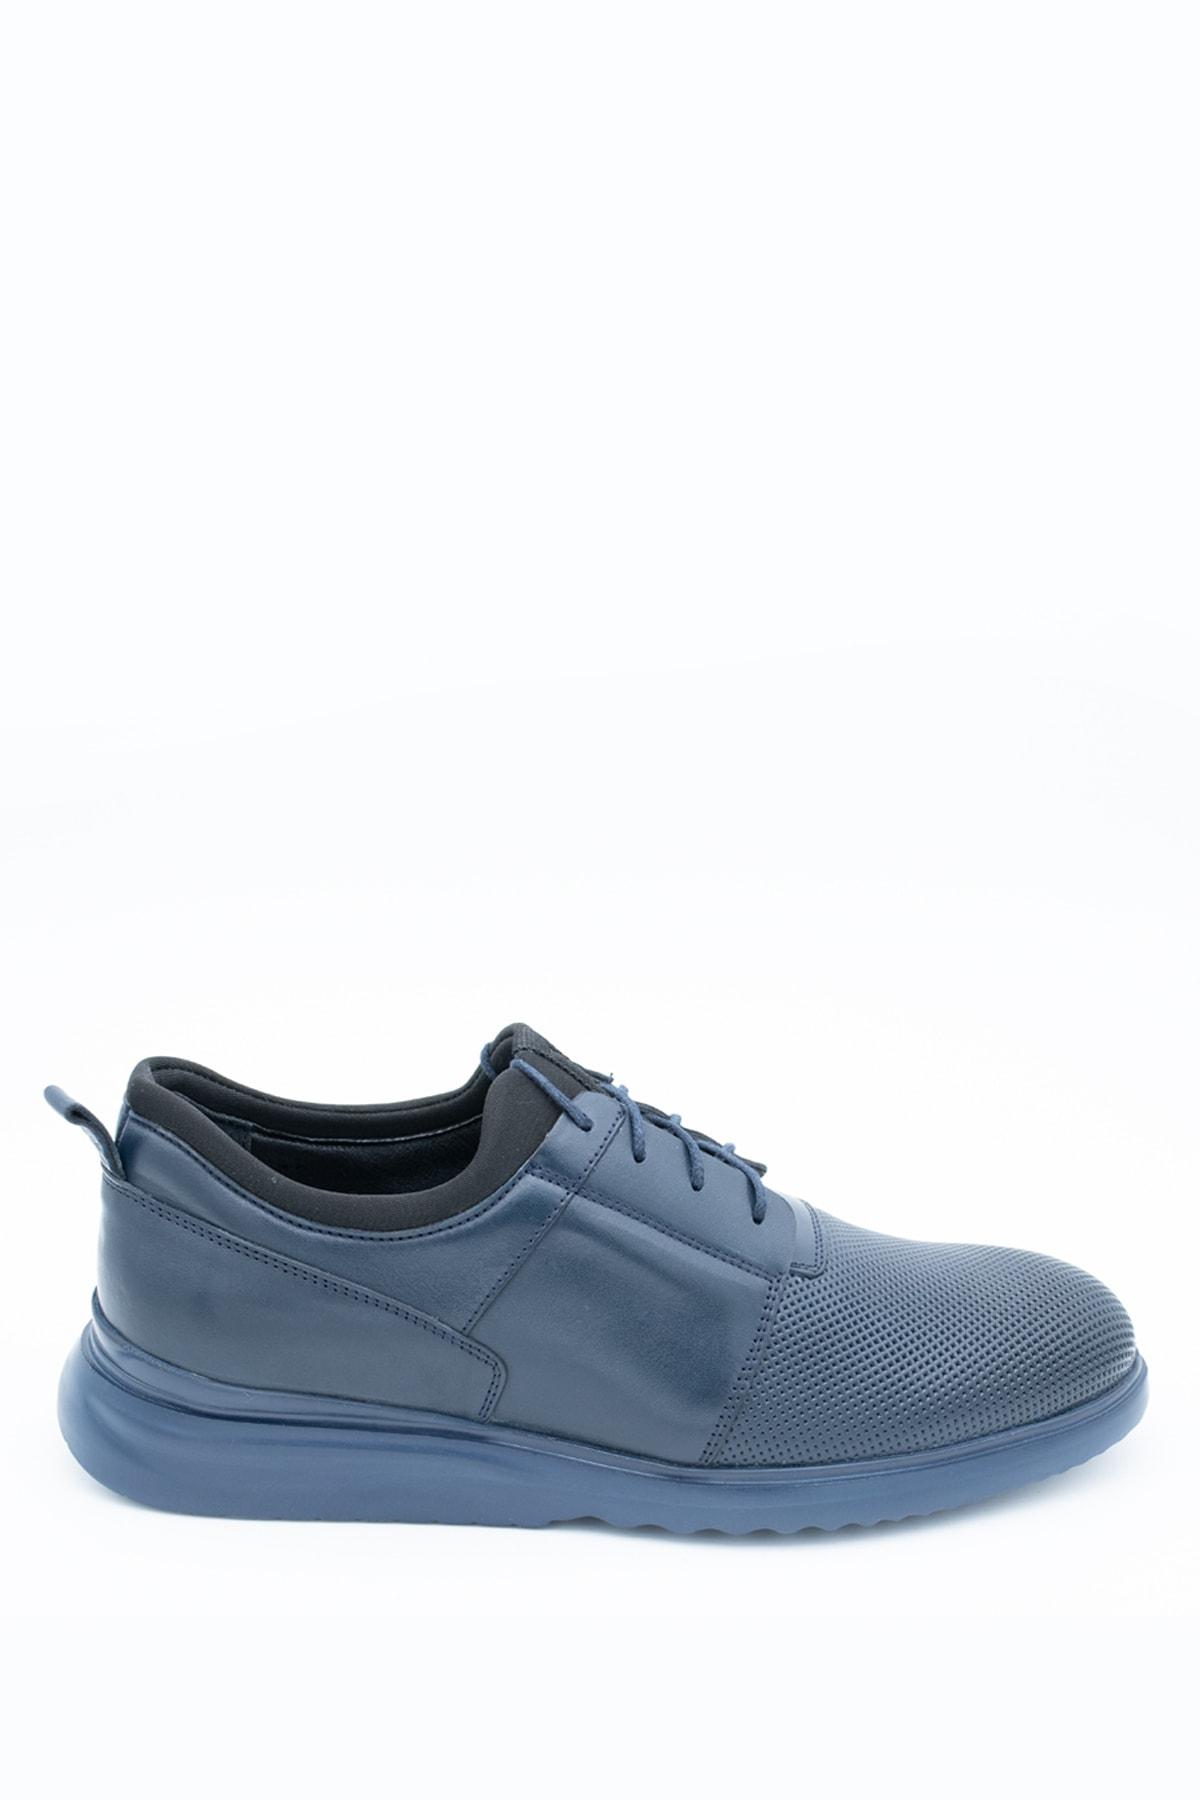 İgs Erkek Lacivert Günlük Ayakkabı i20w-102-2-2 M 1000 1